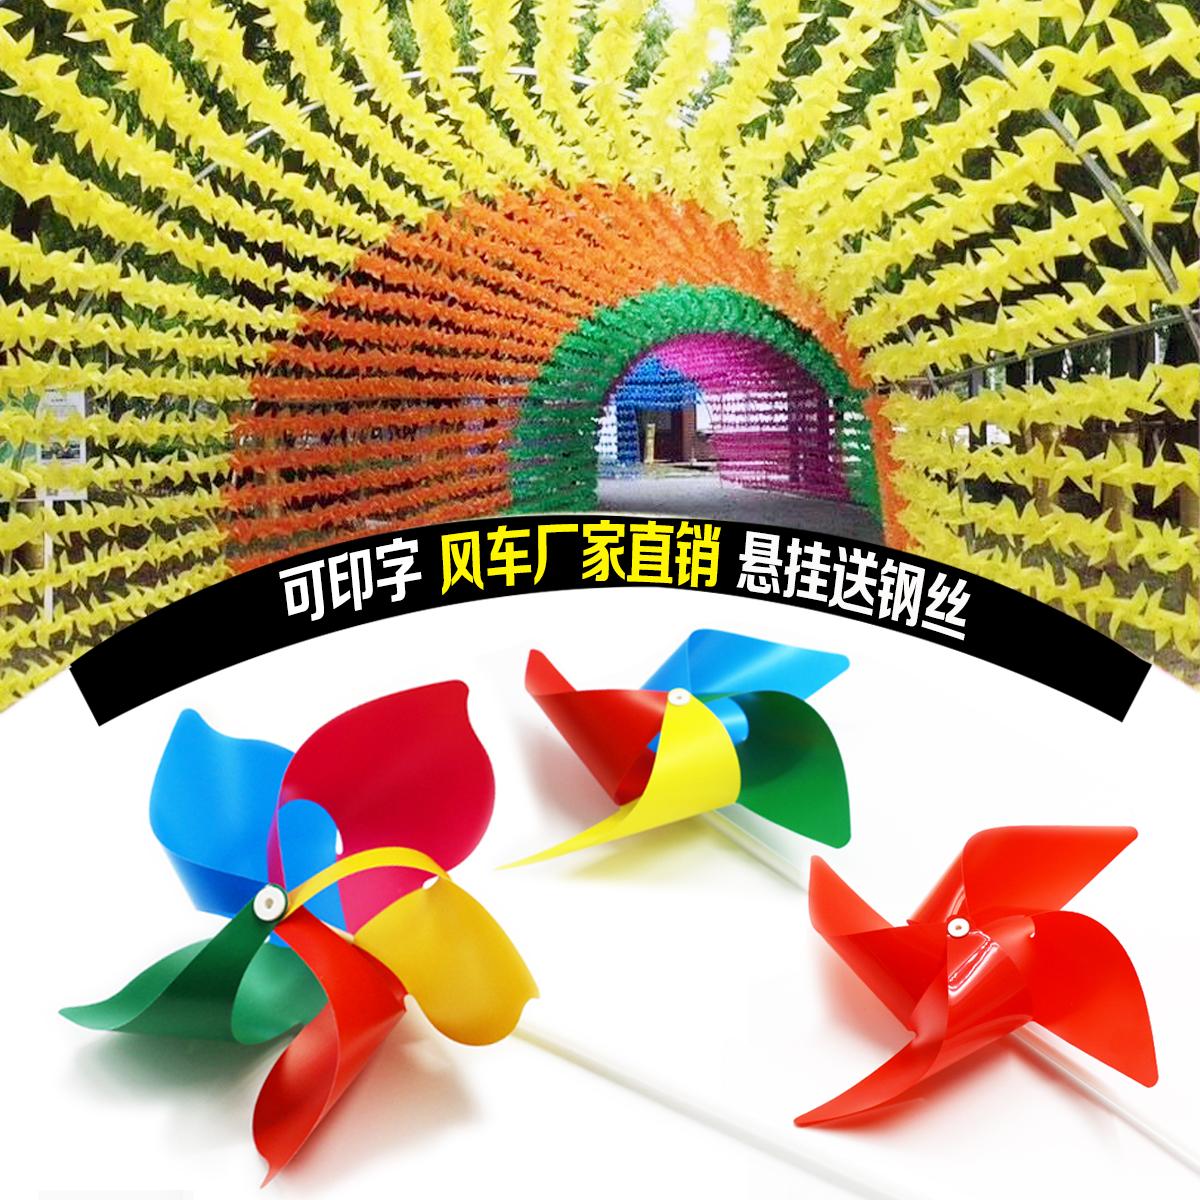 旋转装饰户外悬挂风车幼儿园儿童地推玩具批發塑料广告小风车定做